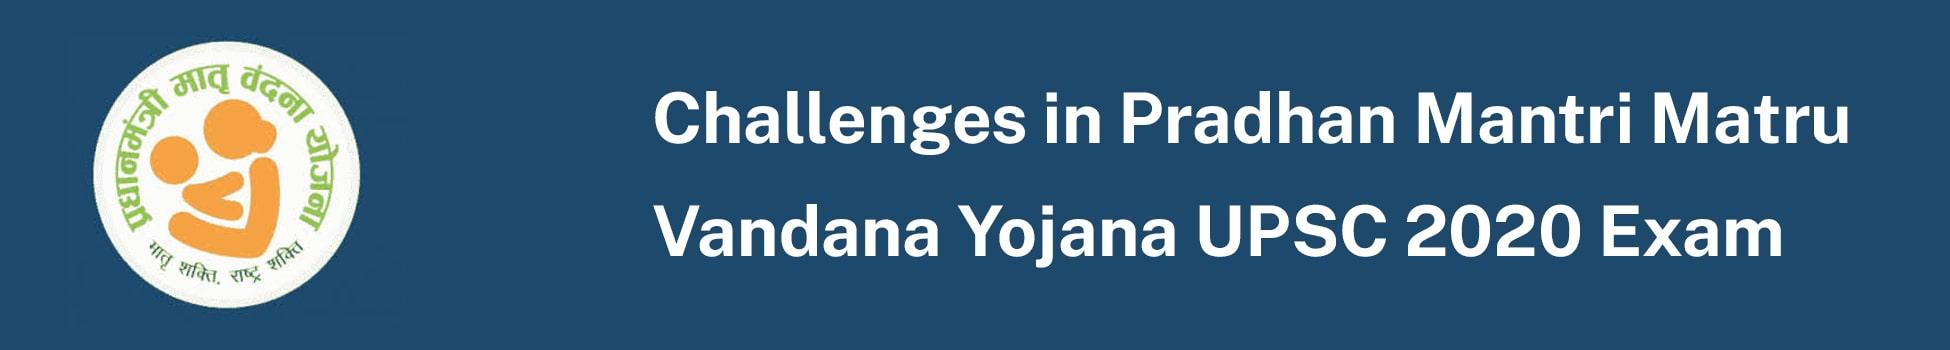 Challenges in Pradhan Mantri Matru Vandana Yojana - UPSC 2020 Exam